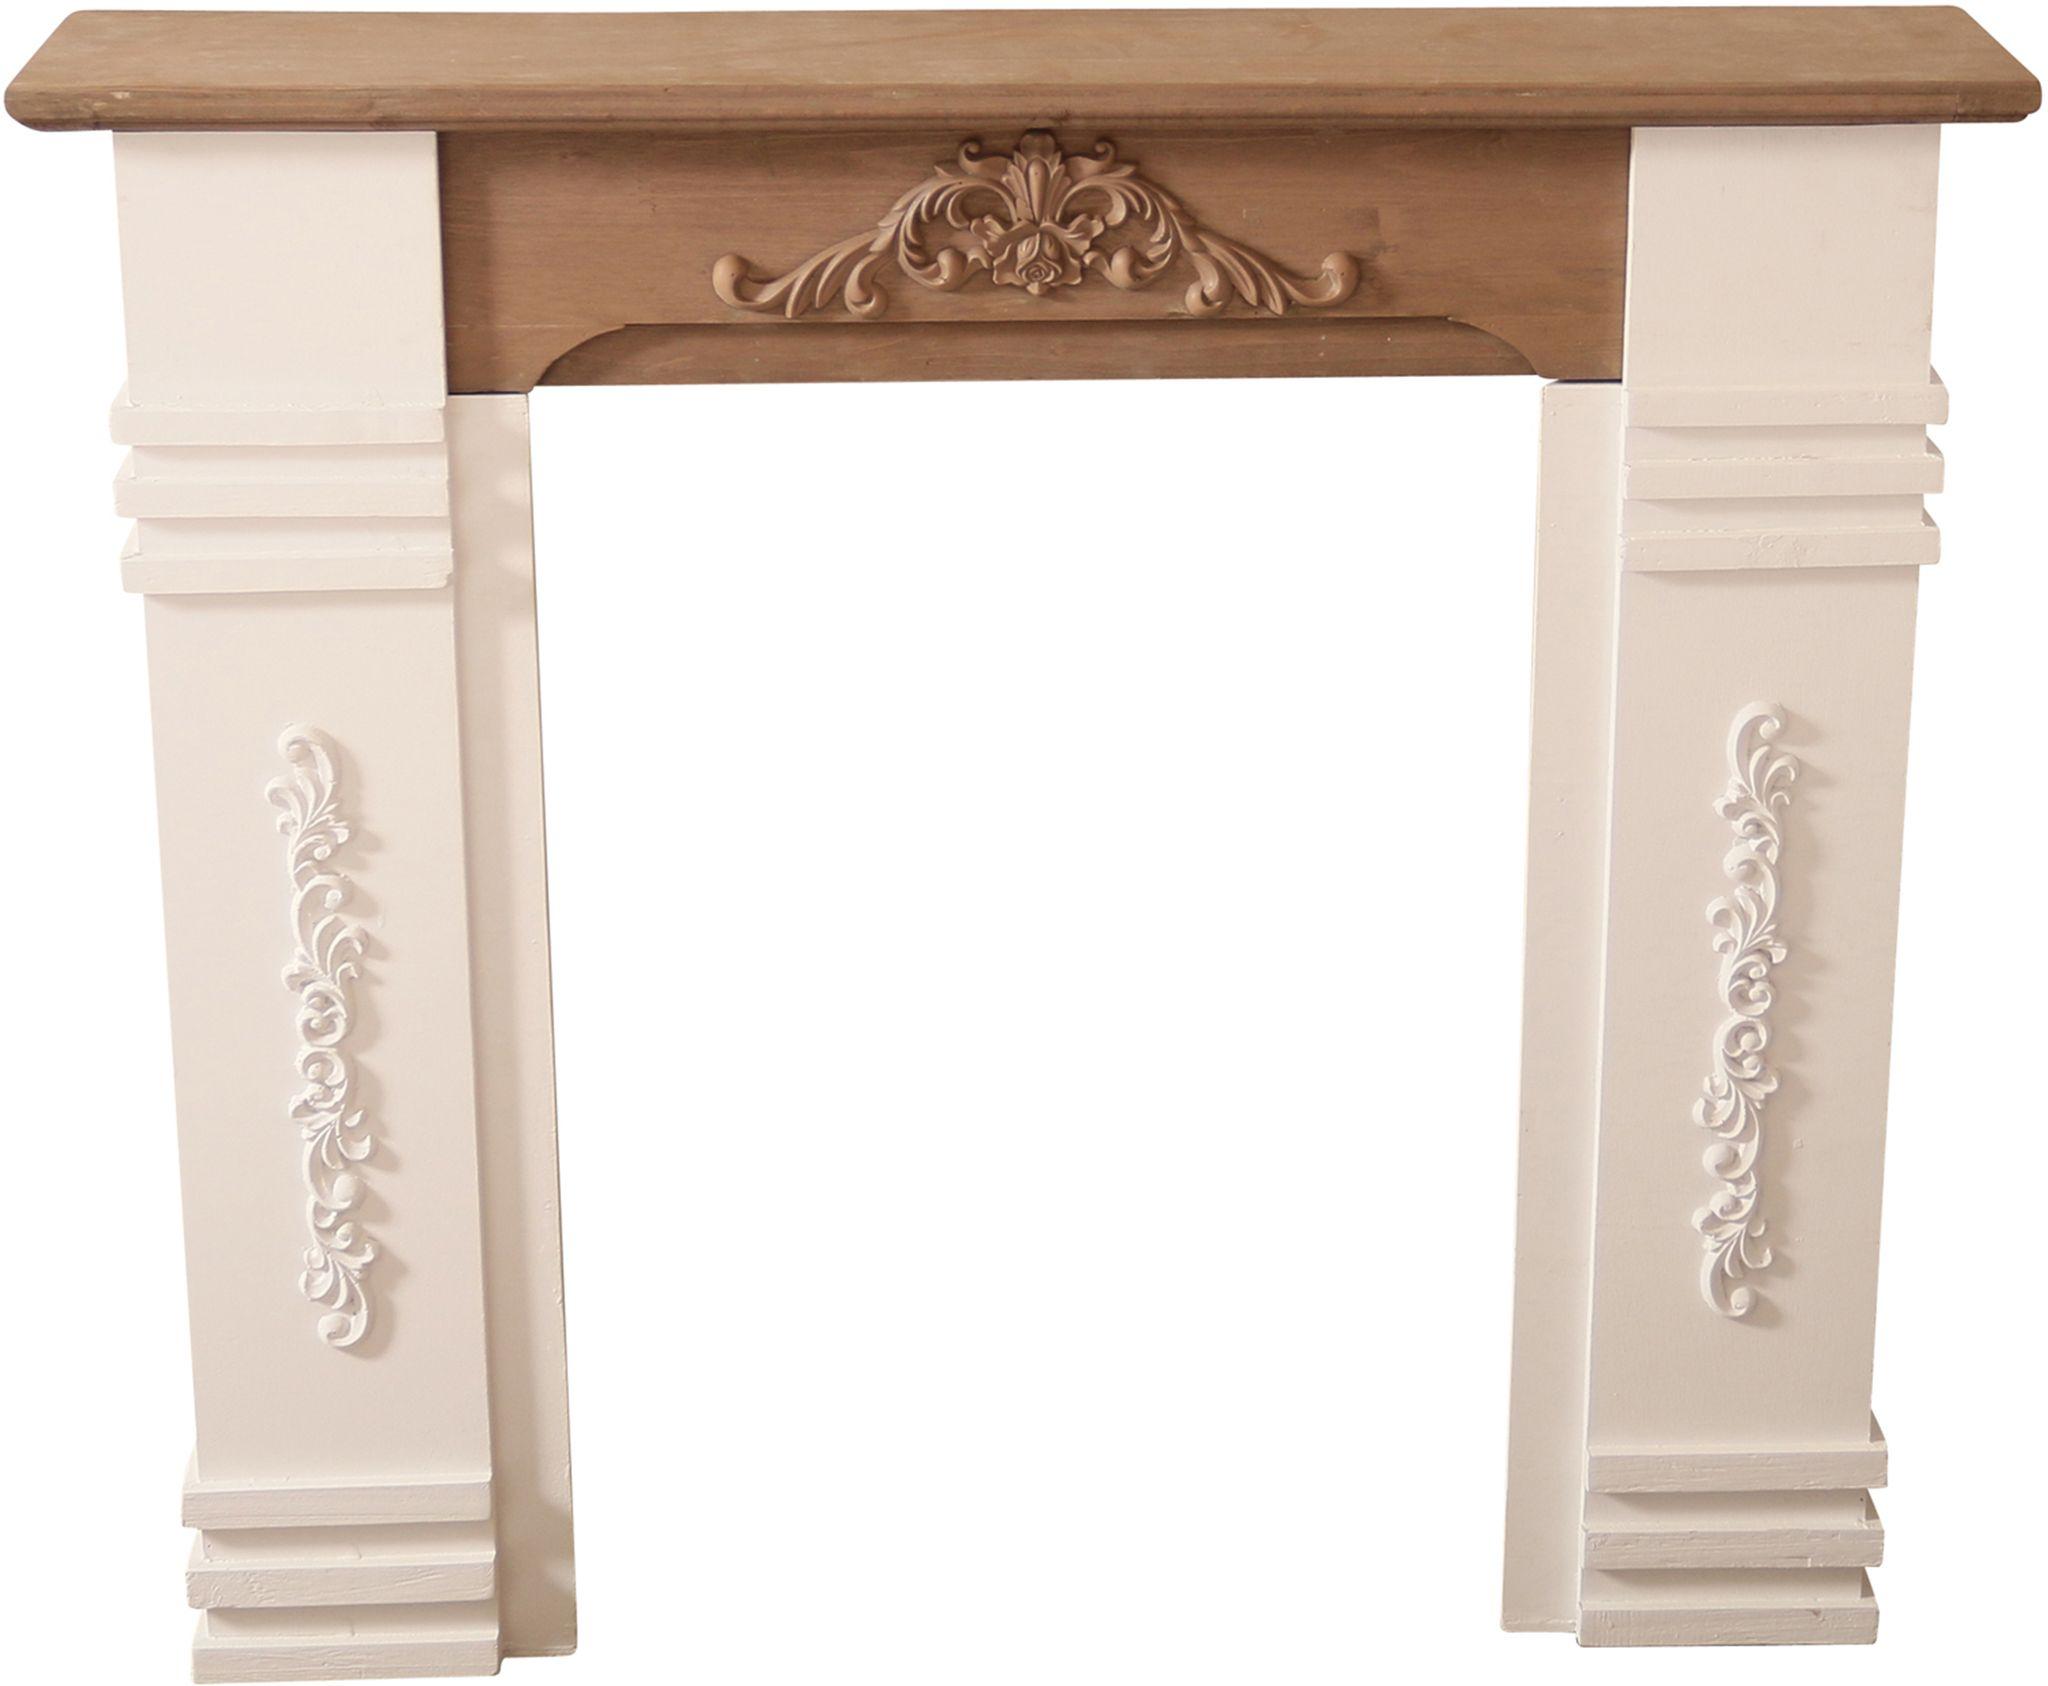 Kaminumrandung weiß braun aus Holz | günstige Landhausmöbel online ...